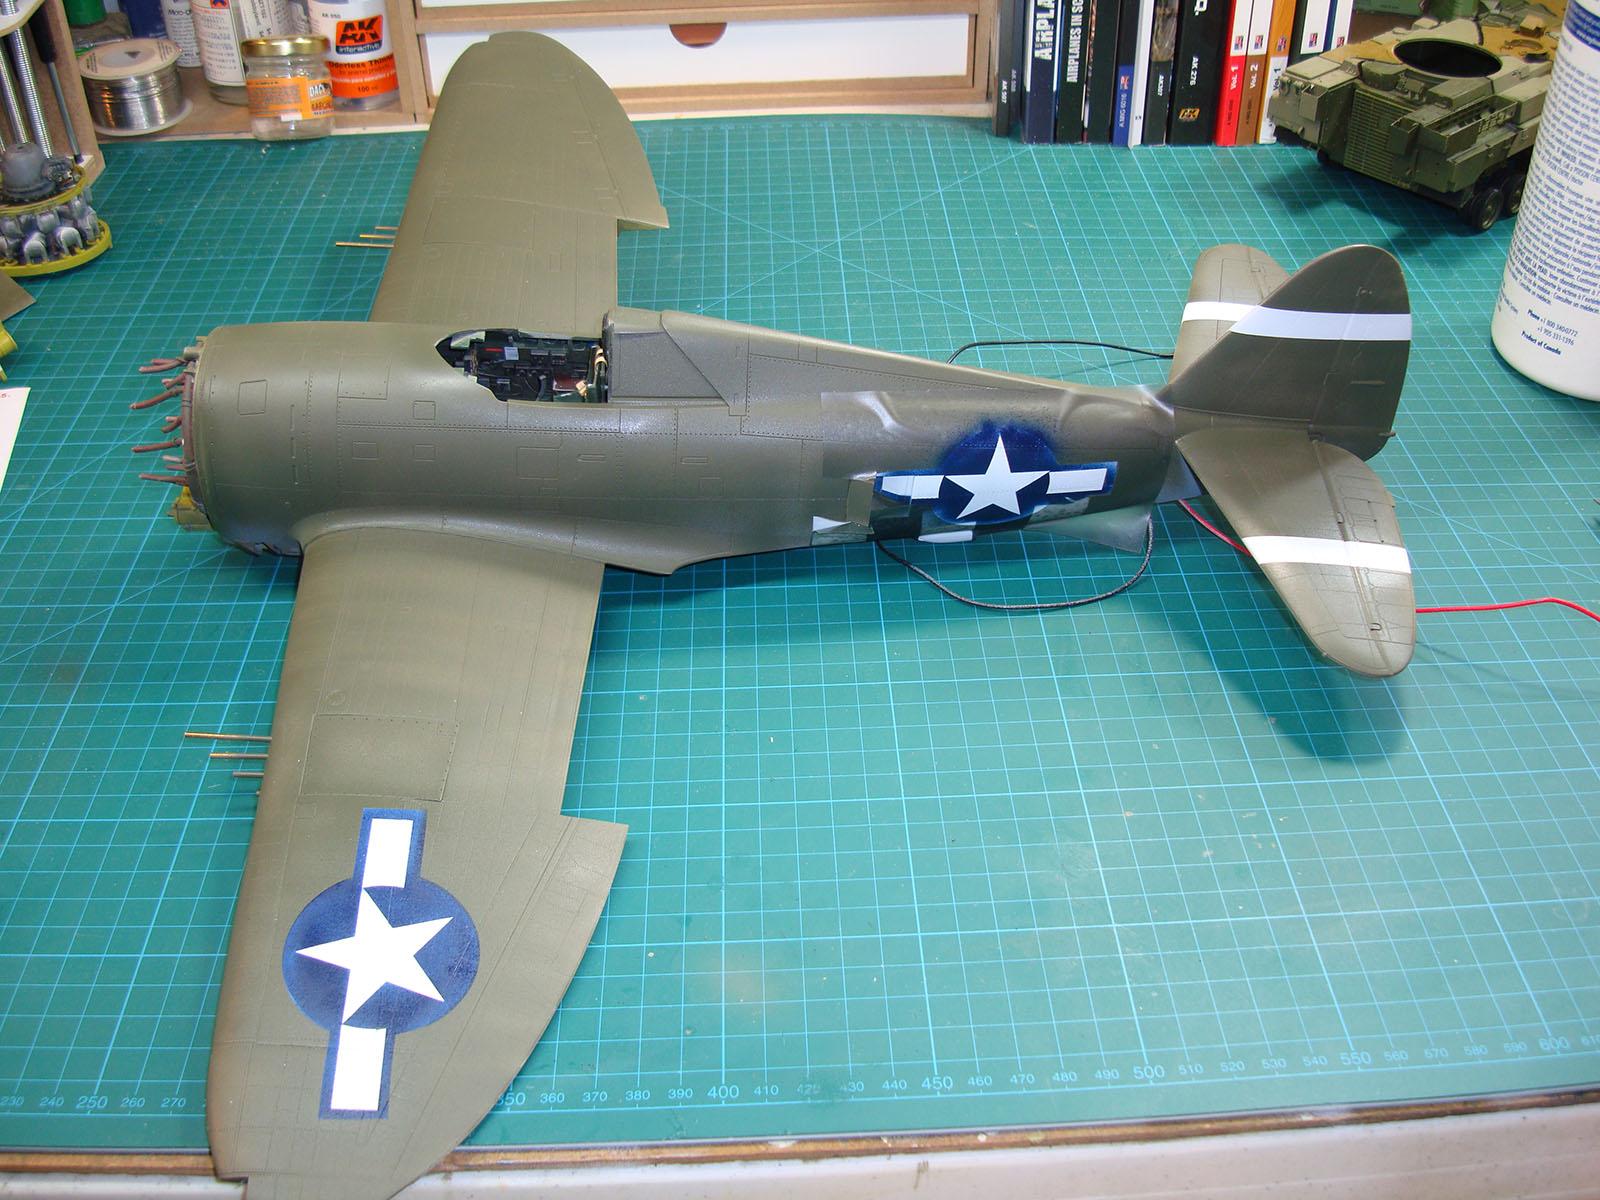 ... to the Kine... P 47d Thunderbolt